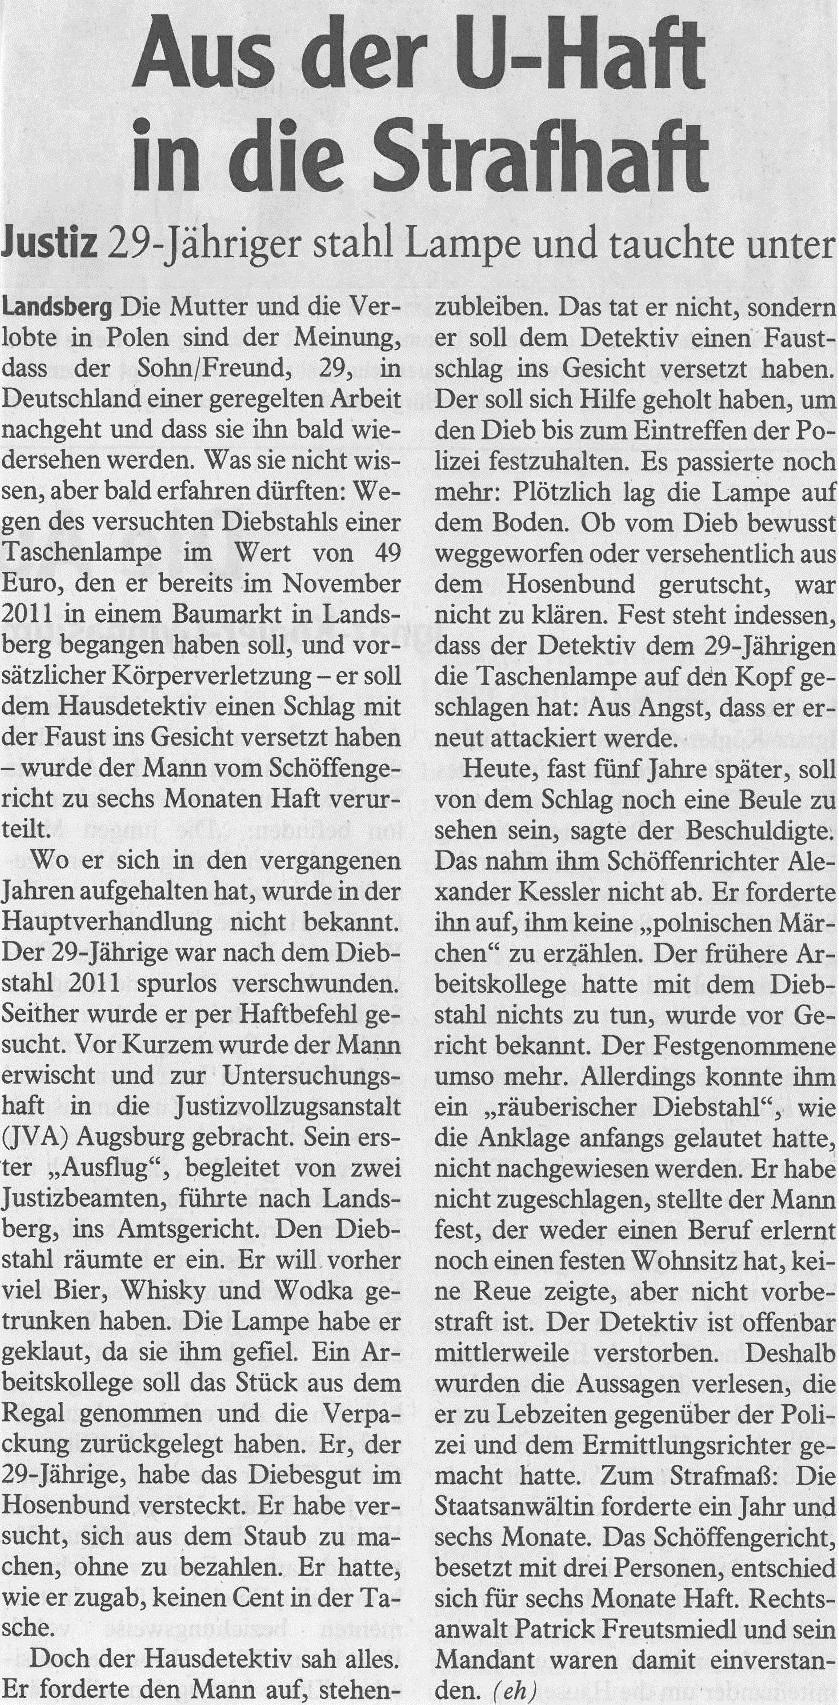 Landsberger Tagblatt, Mai 2016